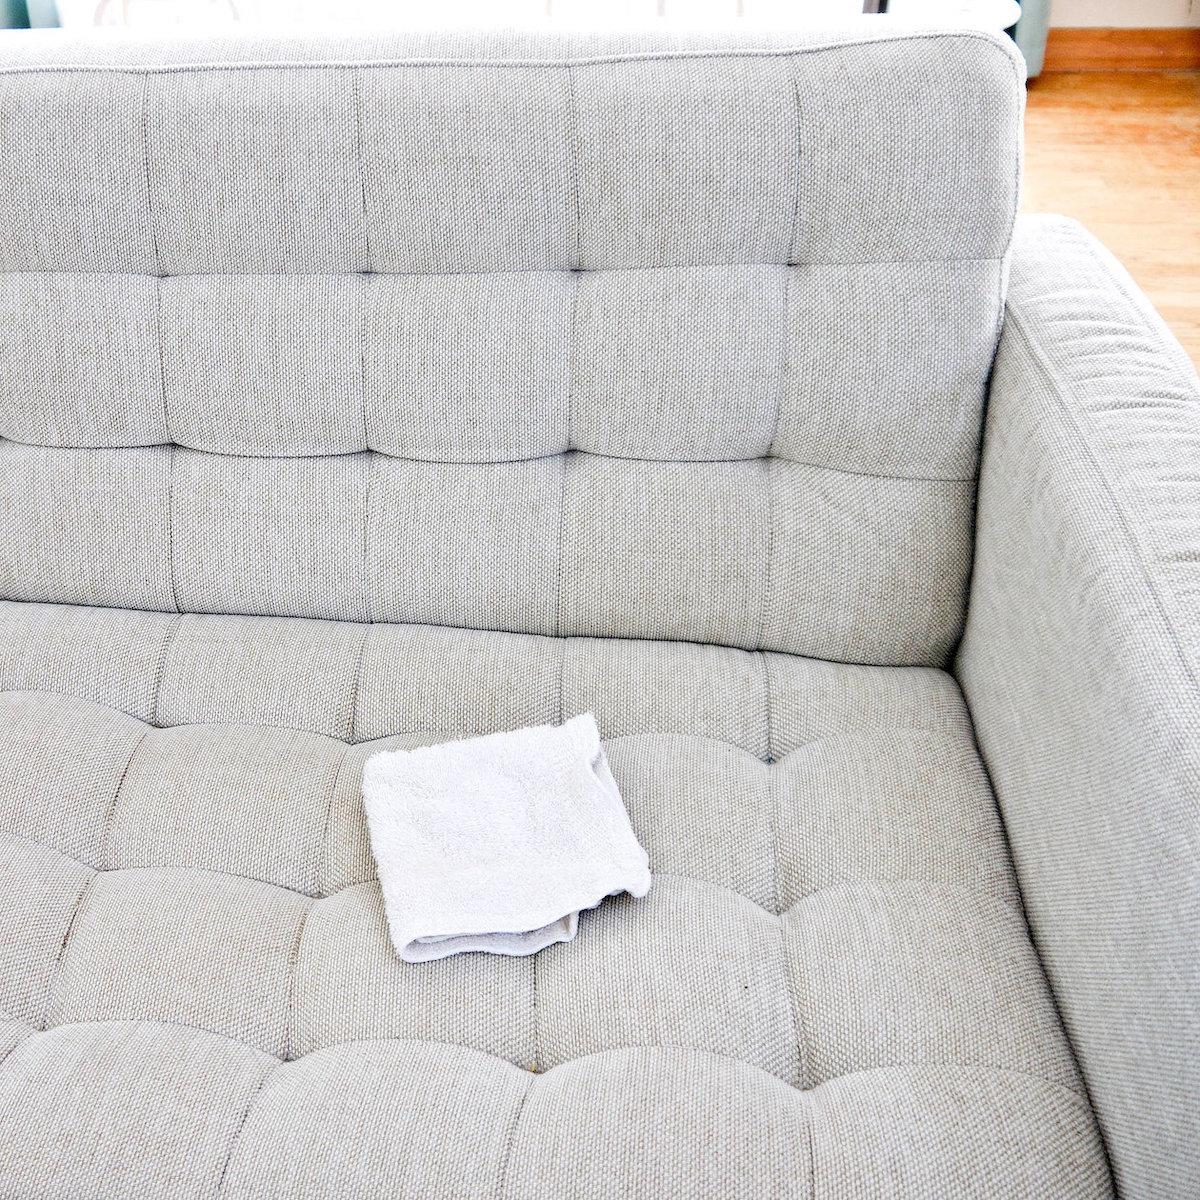 togliere-macchie-biro-divano-10